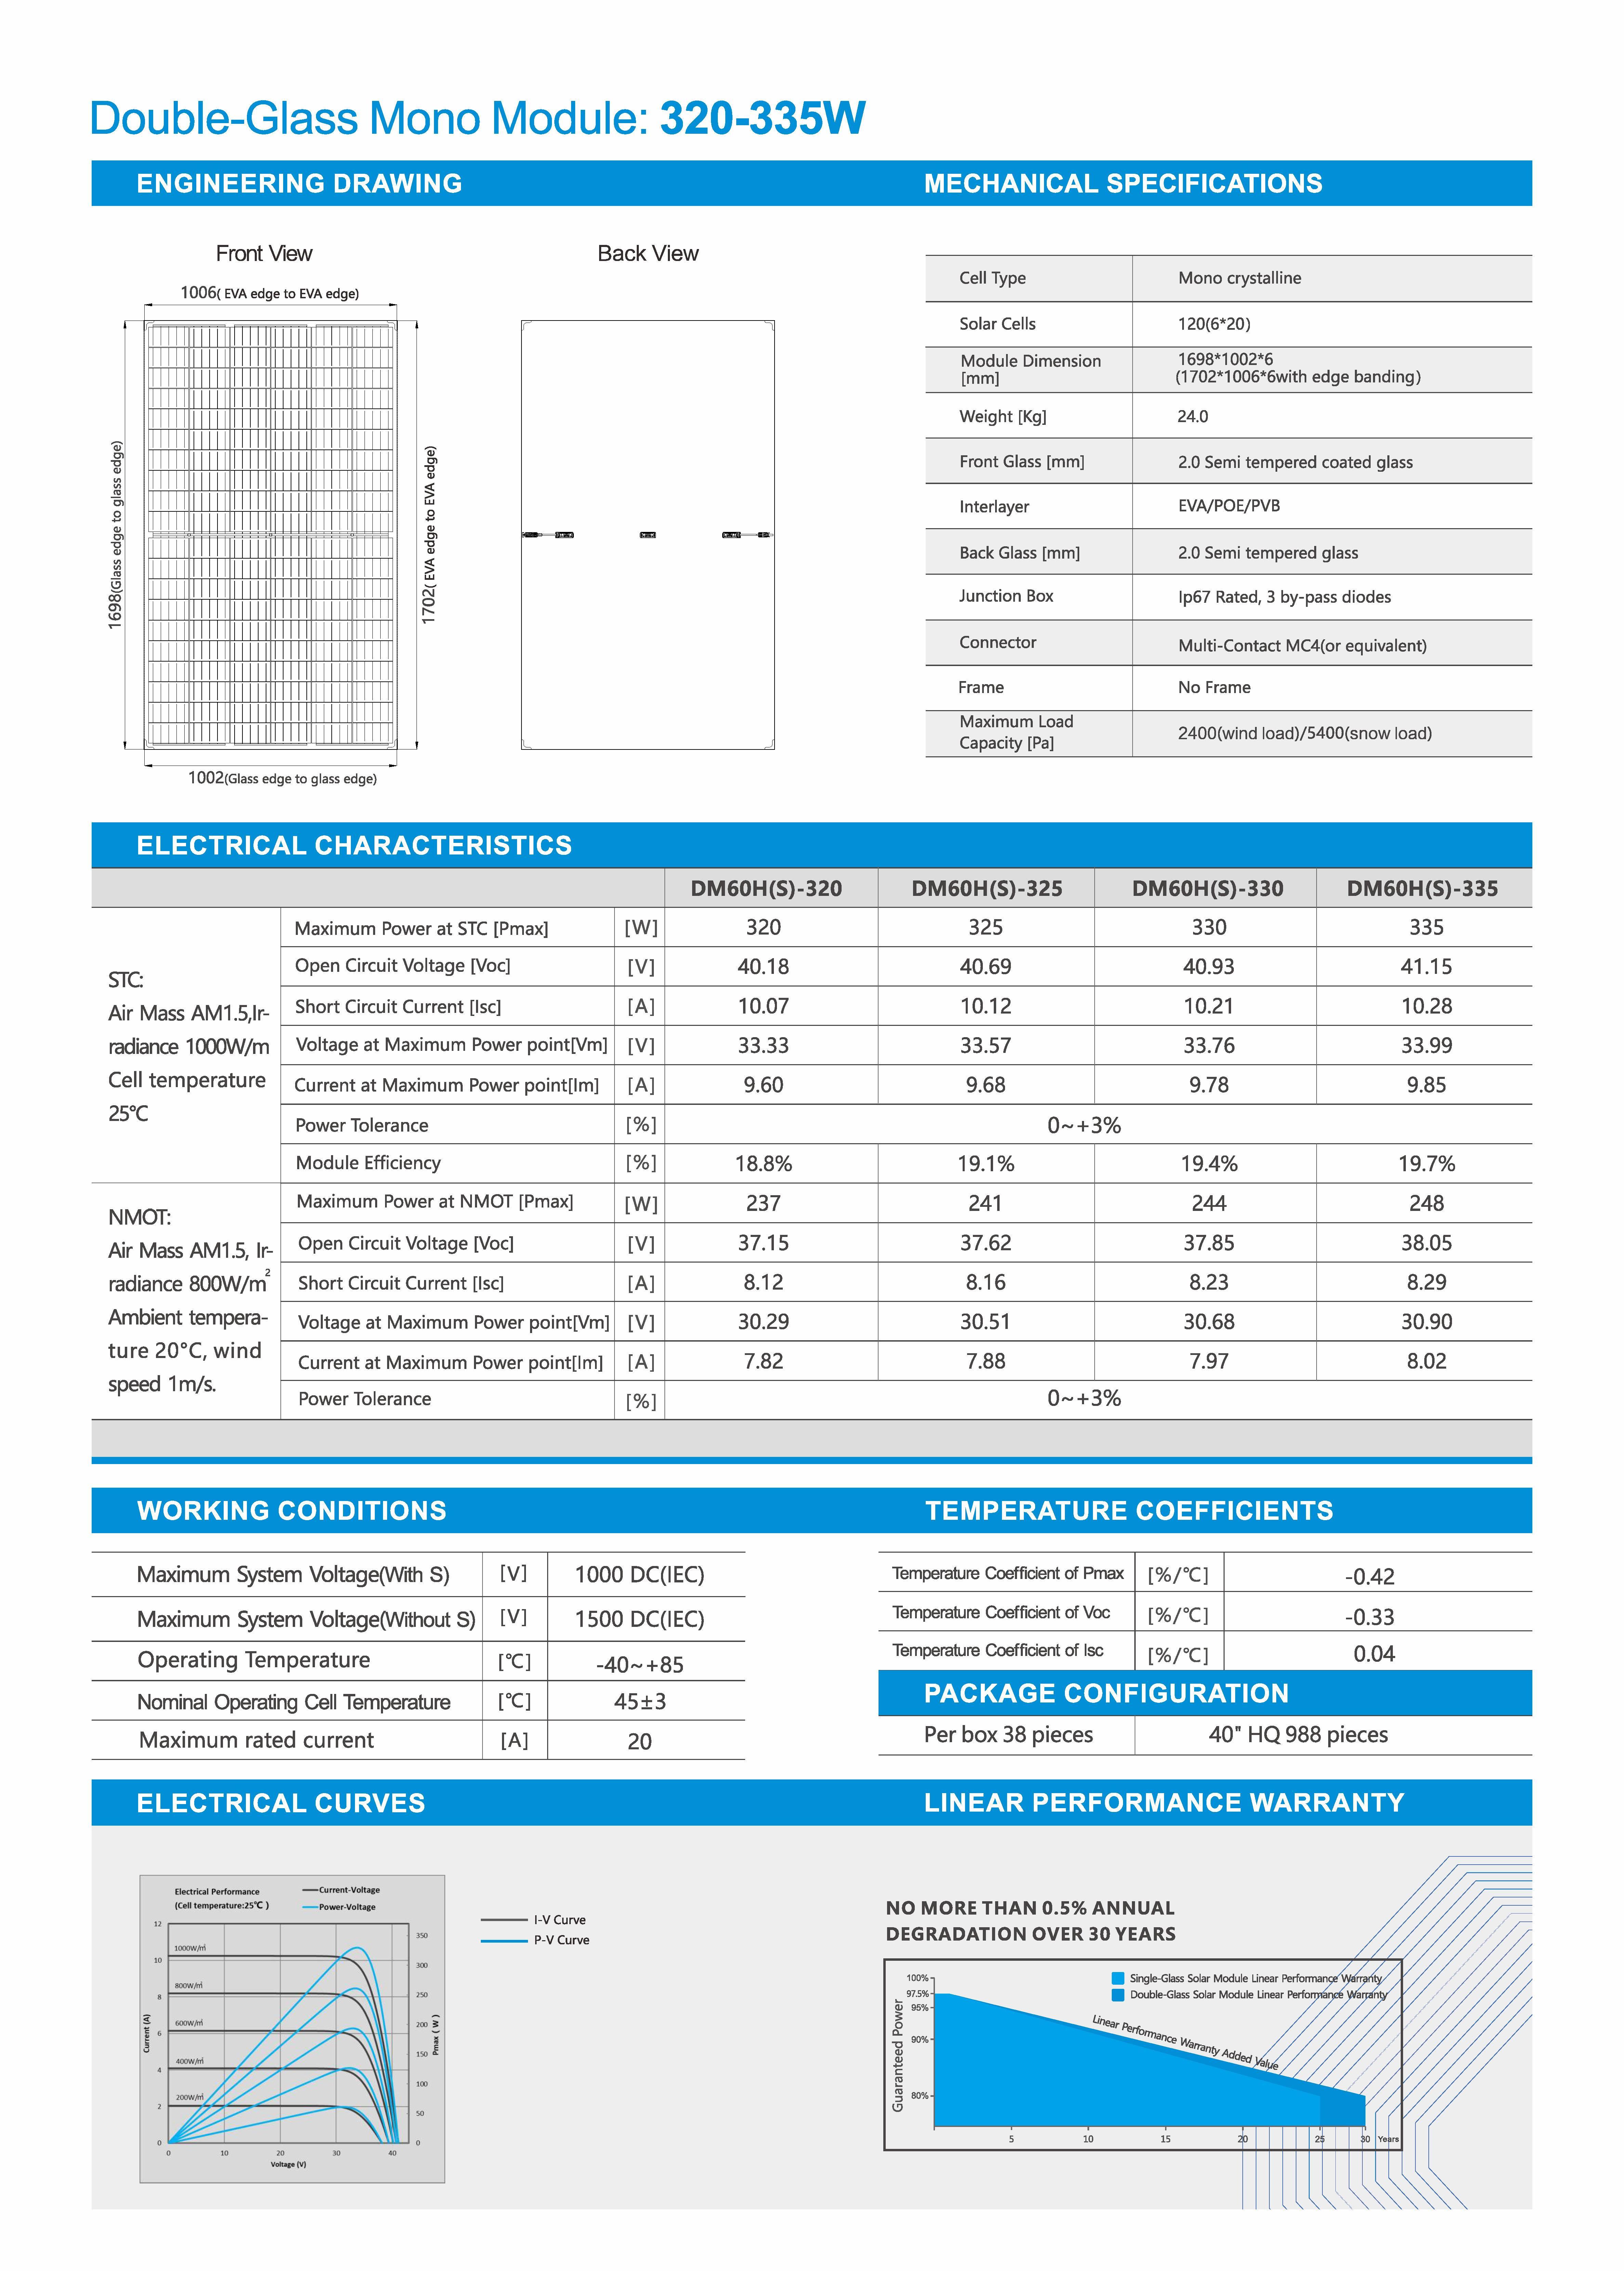 DM60H(S)-320-335